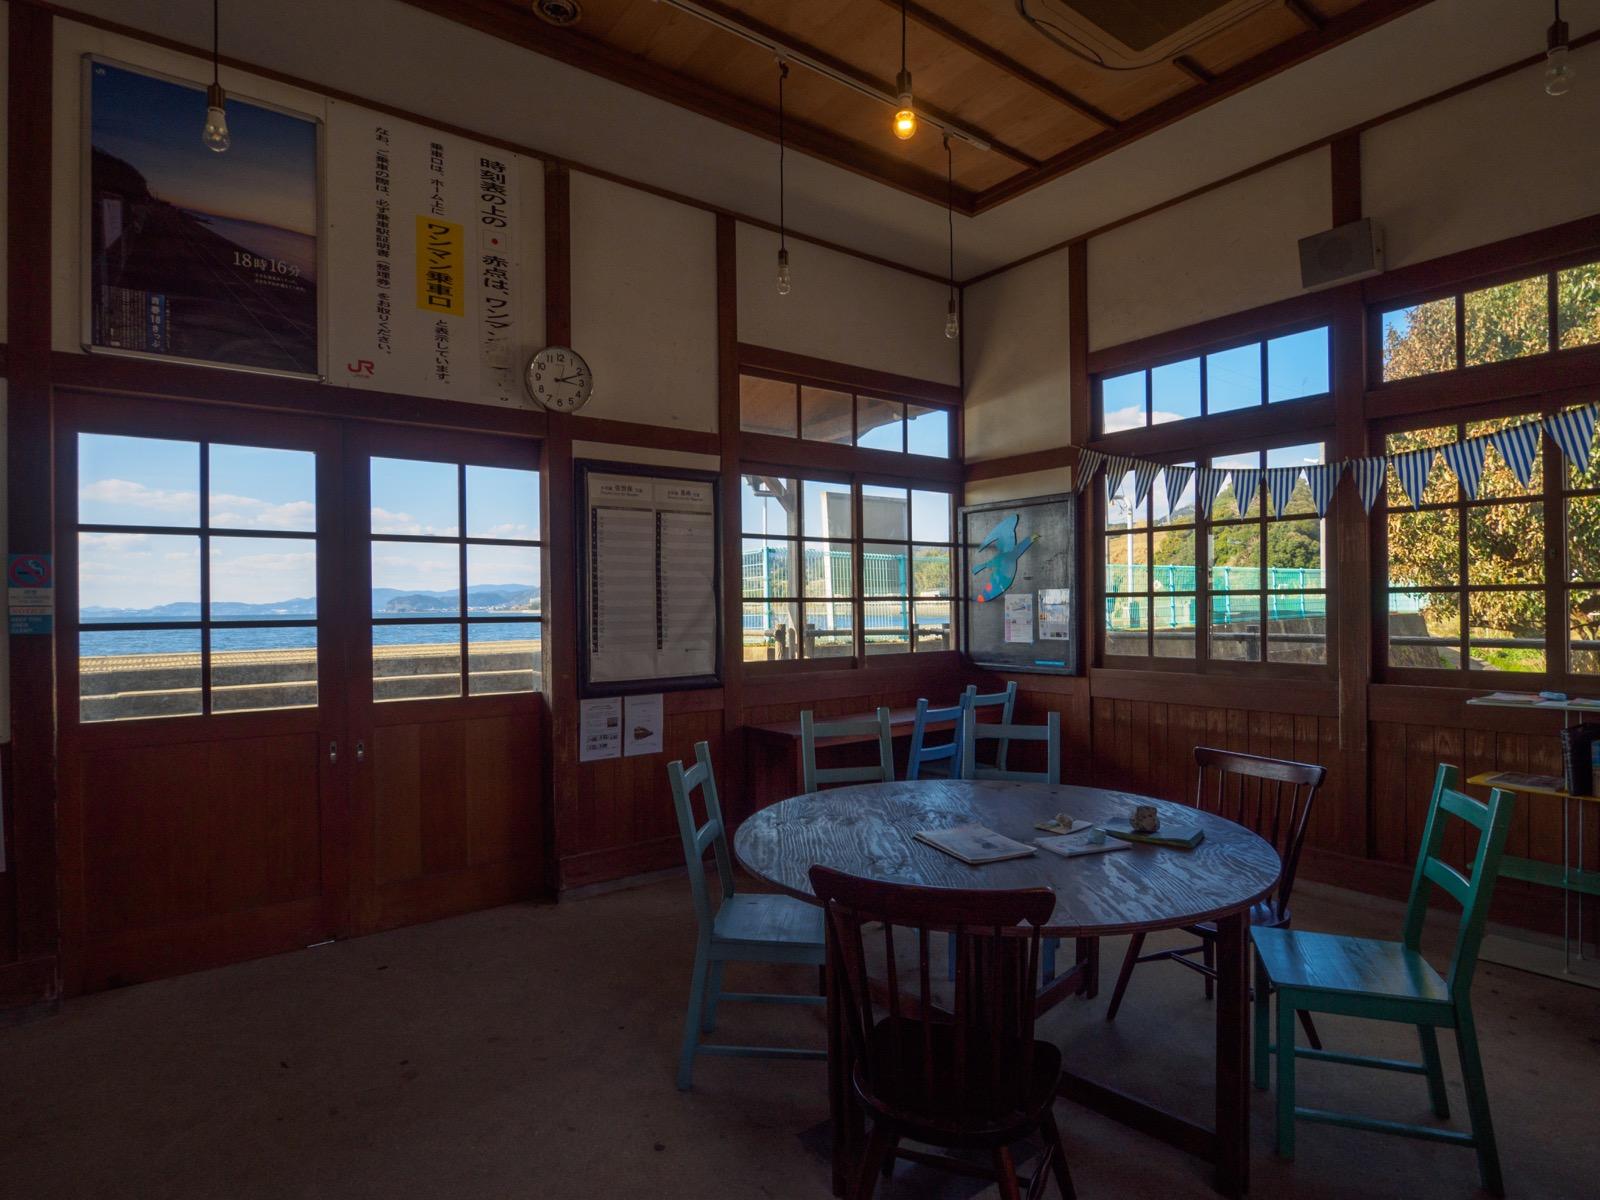 千綿駅の待合室(2016年2月)